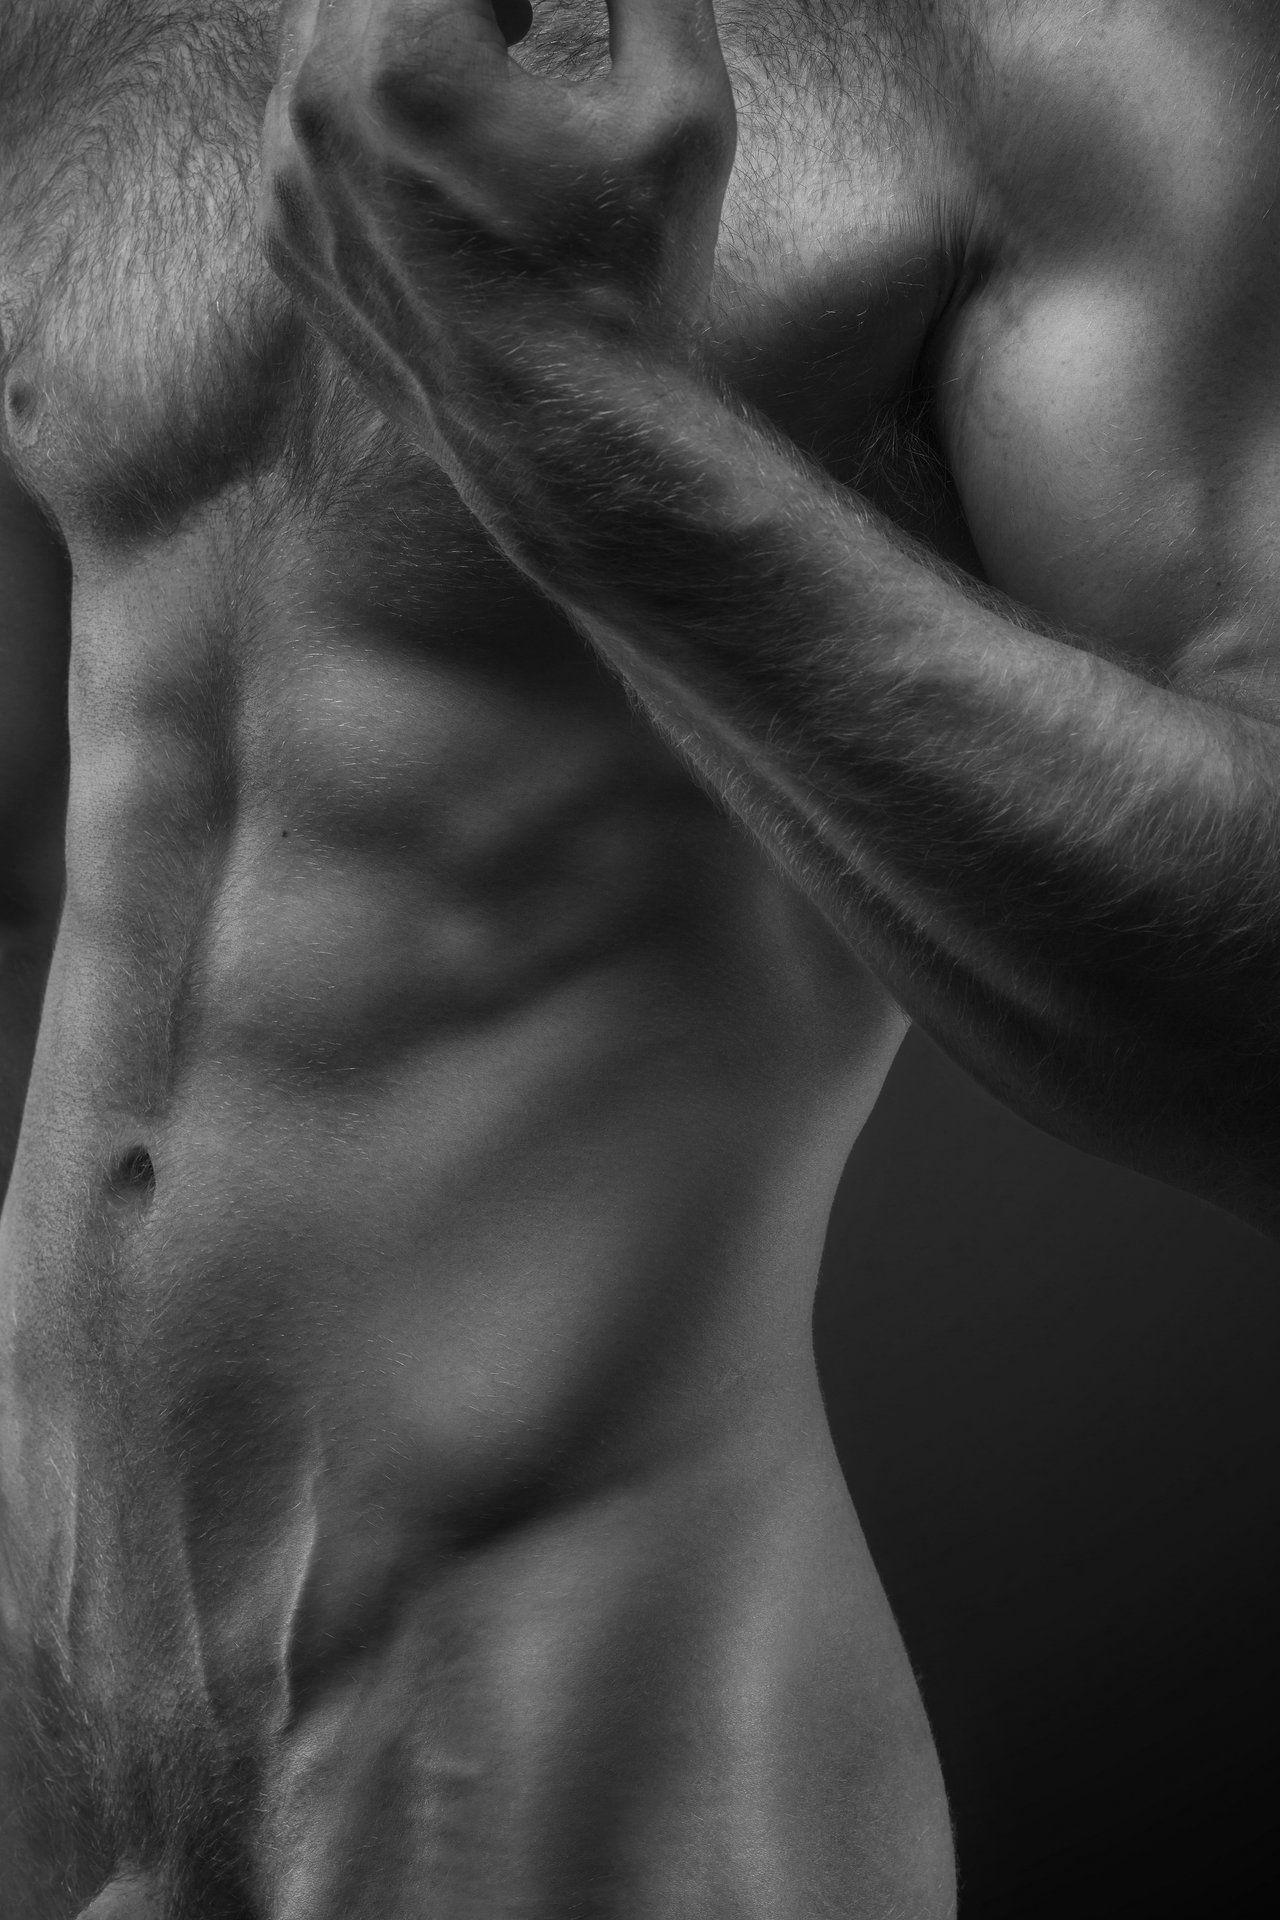 голые тела мужчины могу найти рецензии